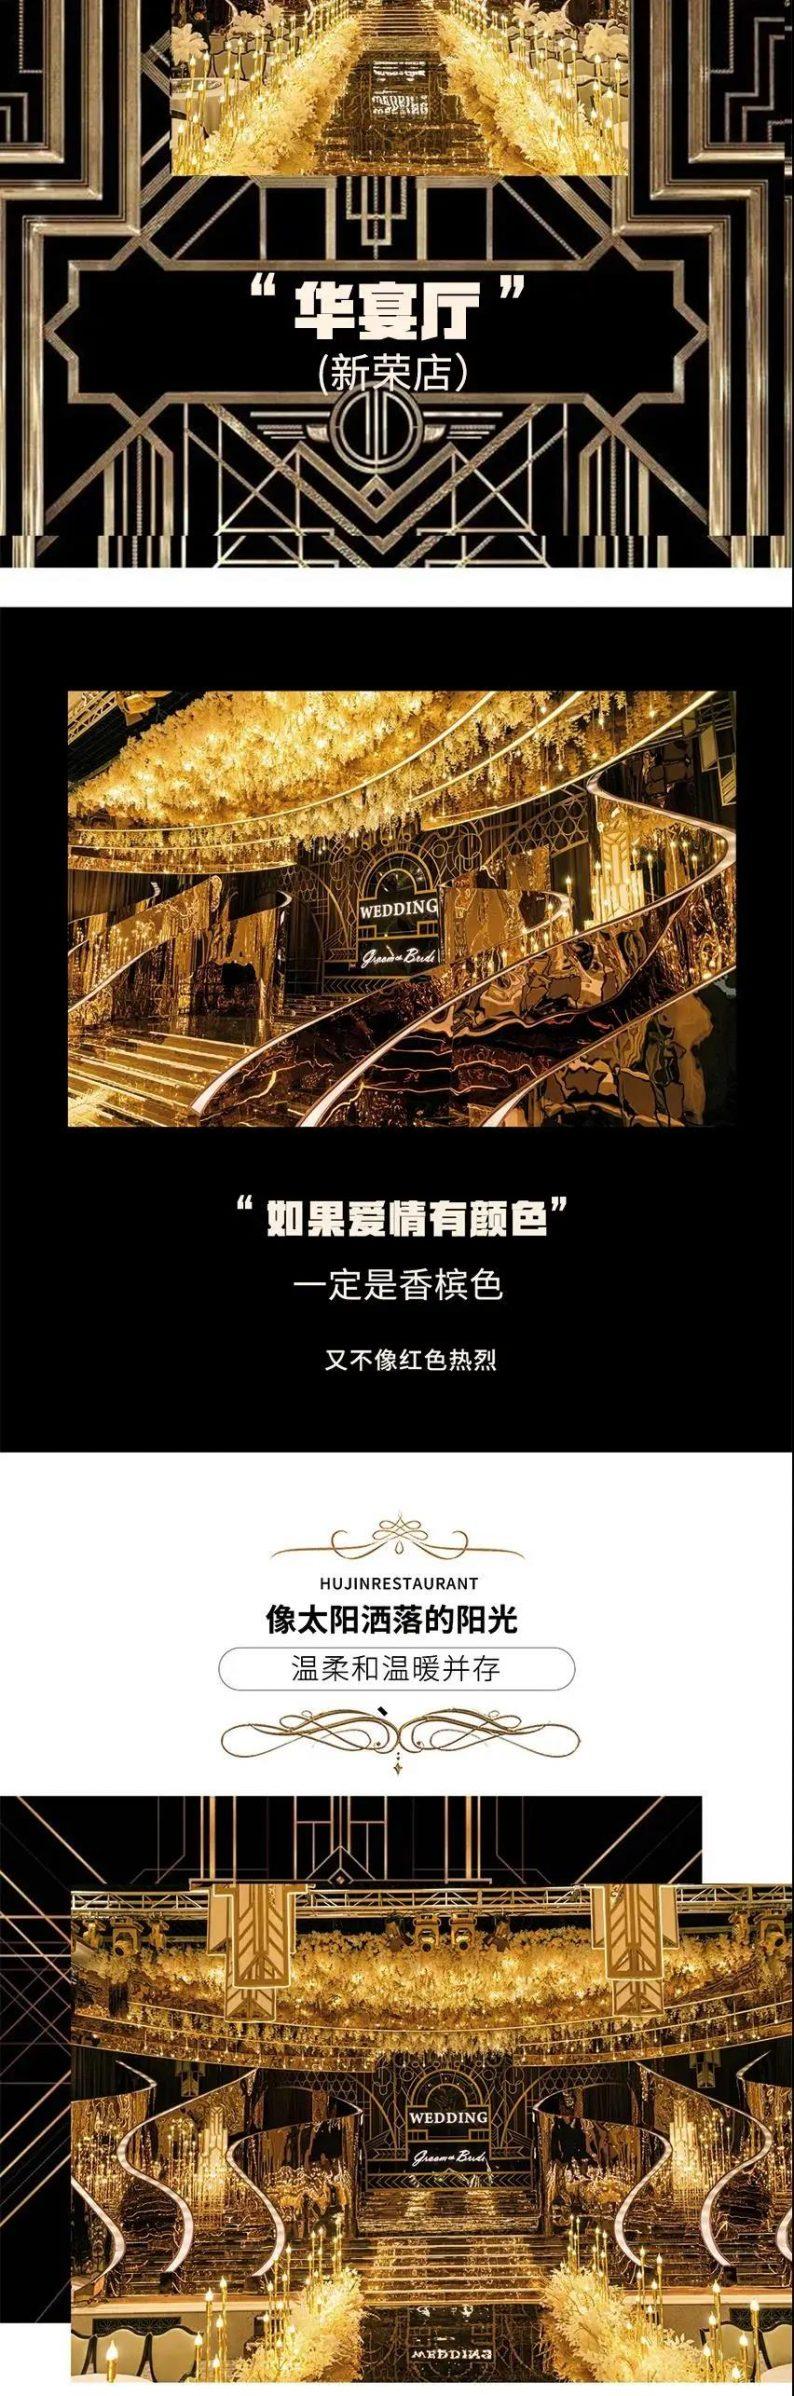 婚礼堂发布:餐饮航母+婚礼堂!打造华中区最大规模宴会厅  第14张